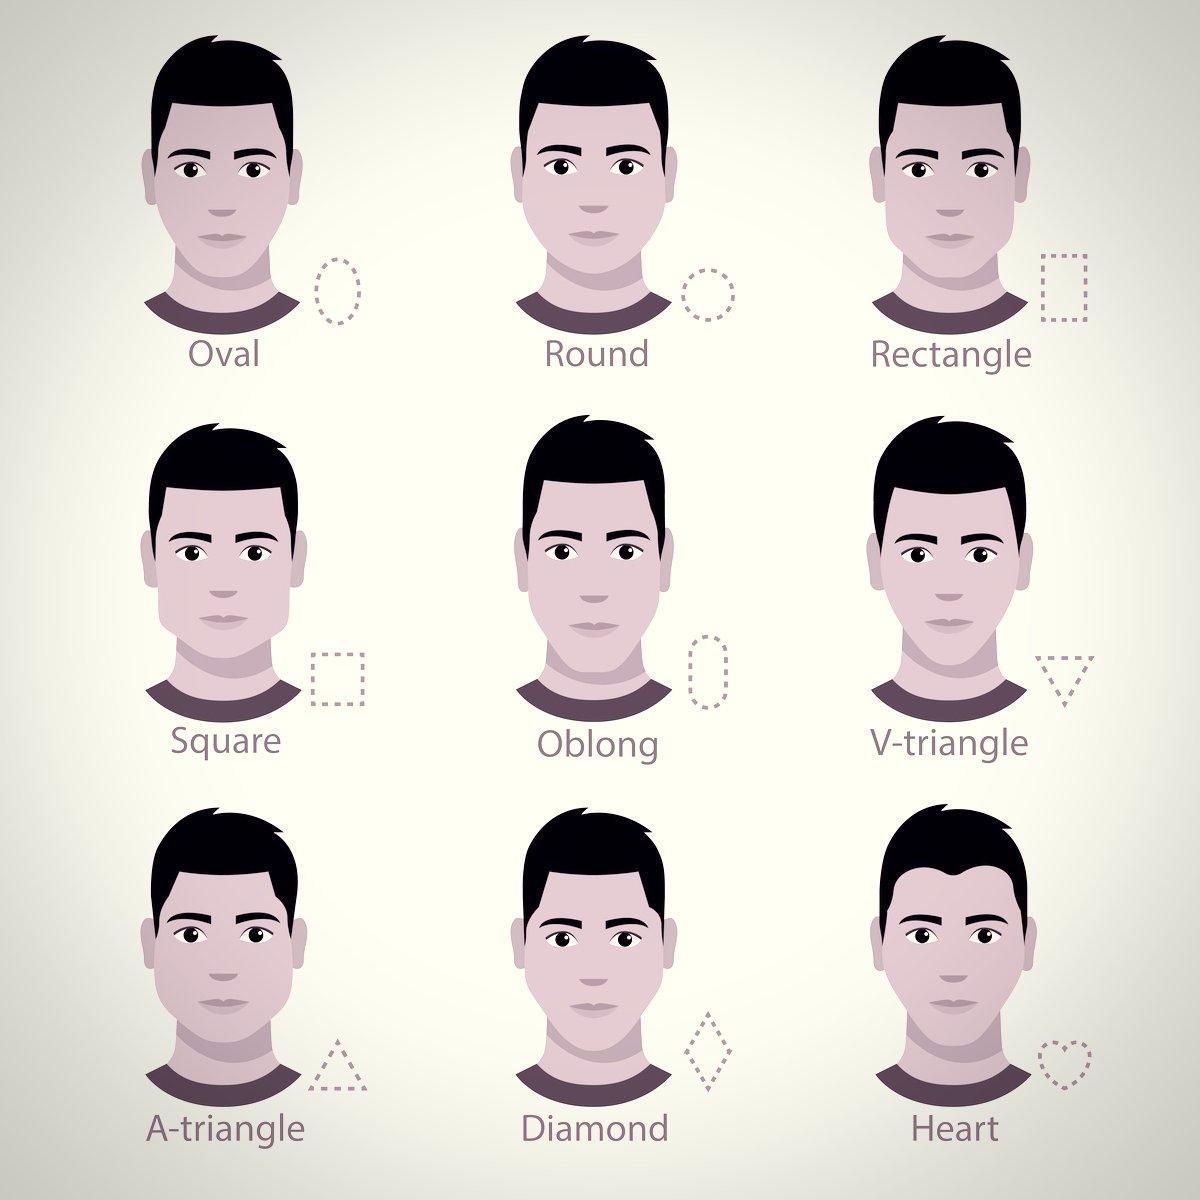 Men's face shapes guide